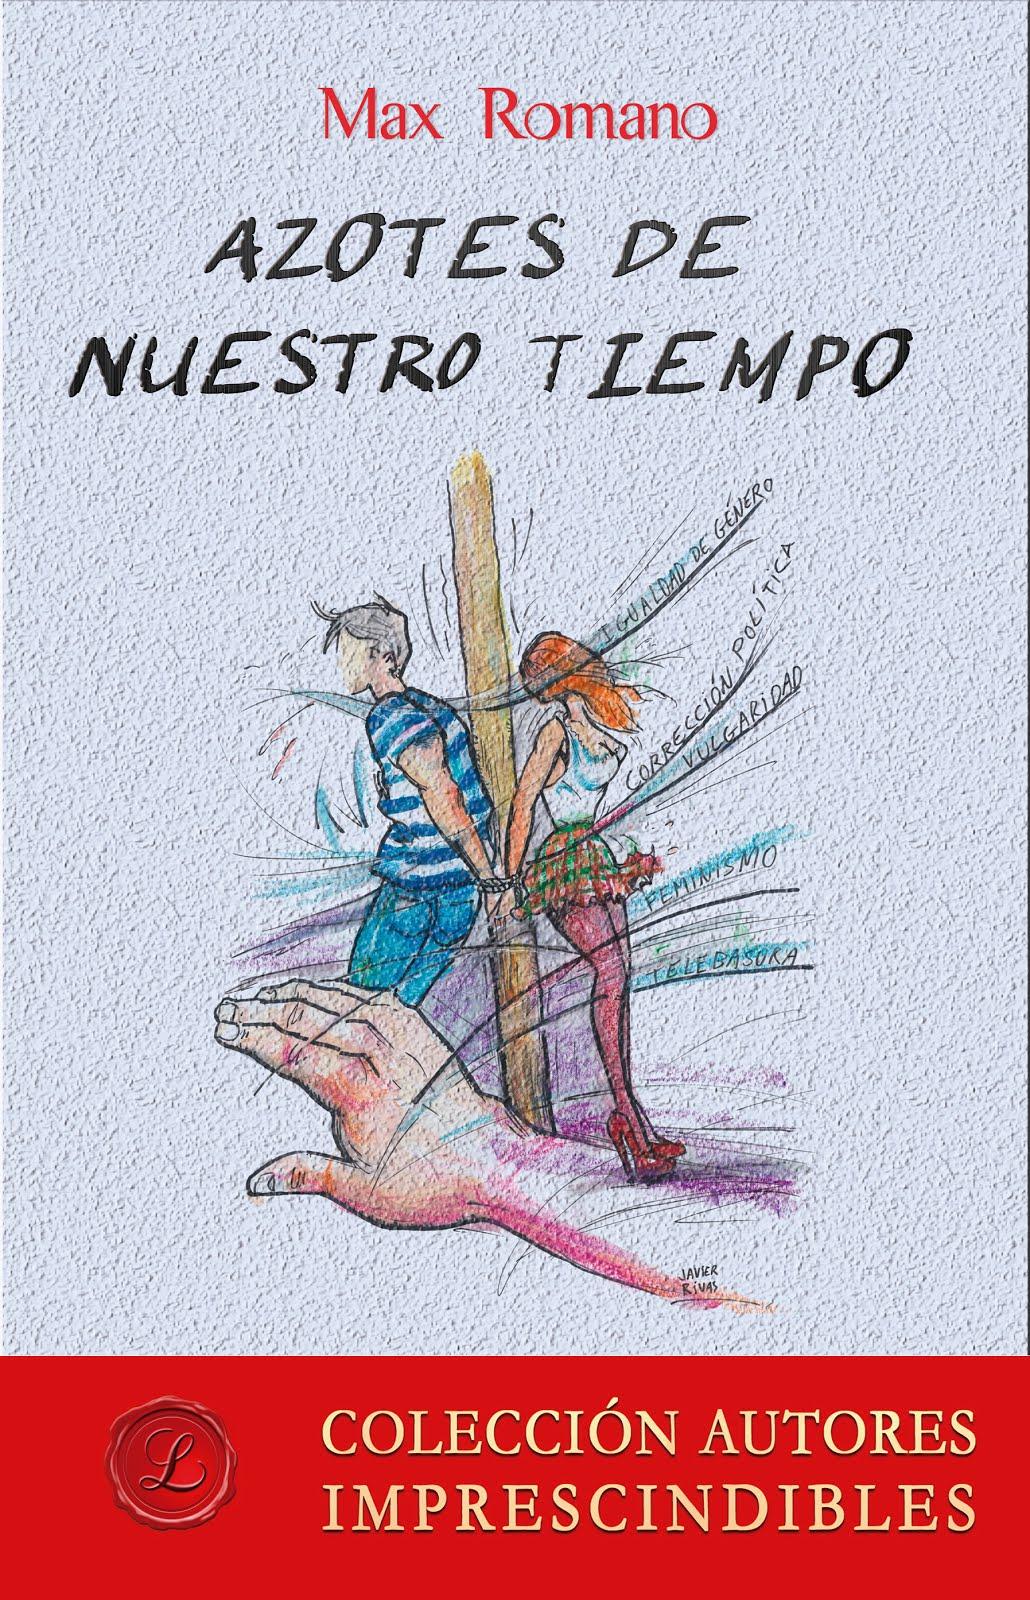 AZOTES DE NUESTRO TIEMPO